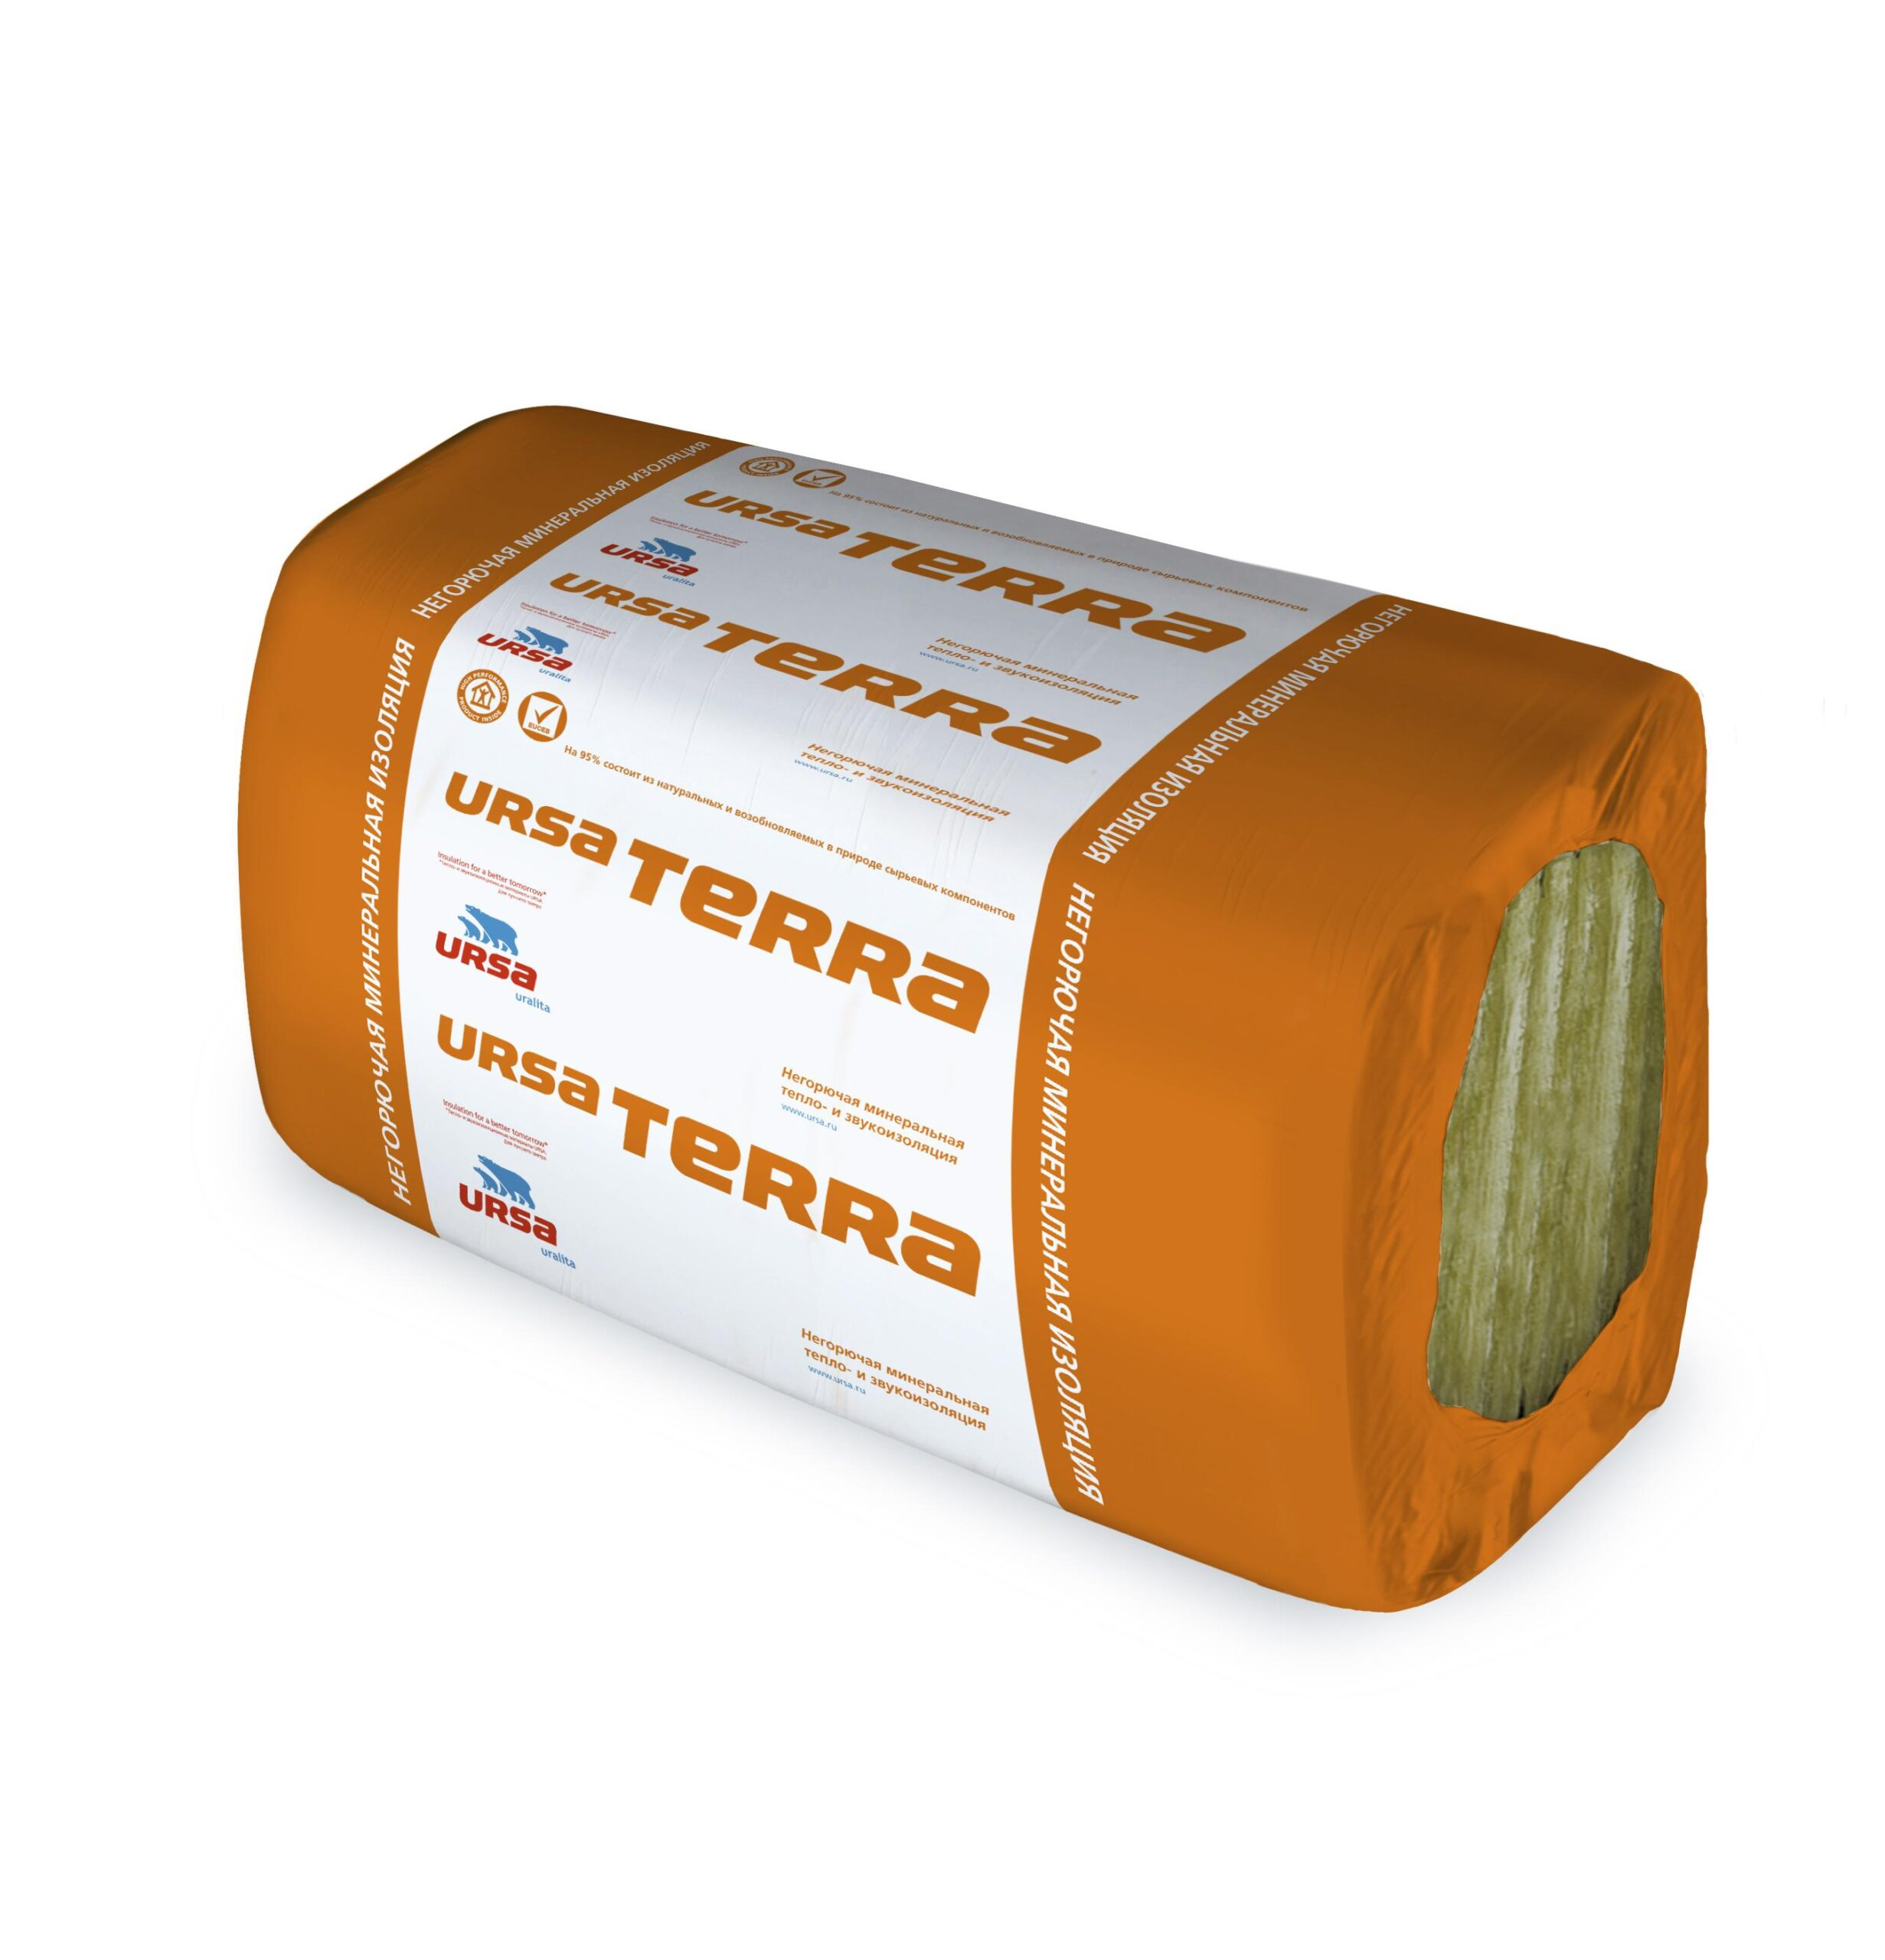 Минвата URSA TERRA 34PN 1250-610-50 (10 плит, 0,381м3)